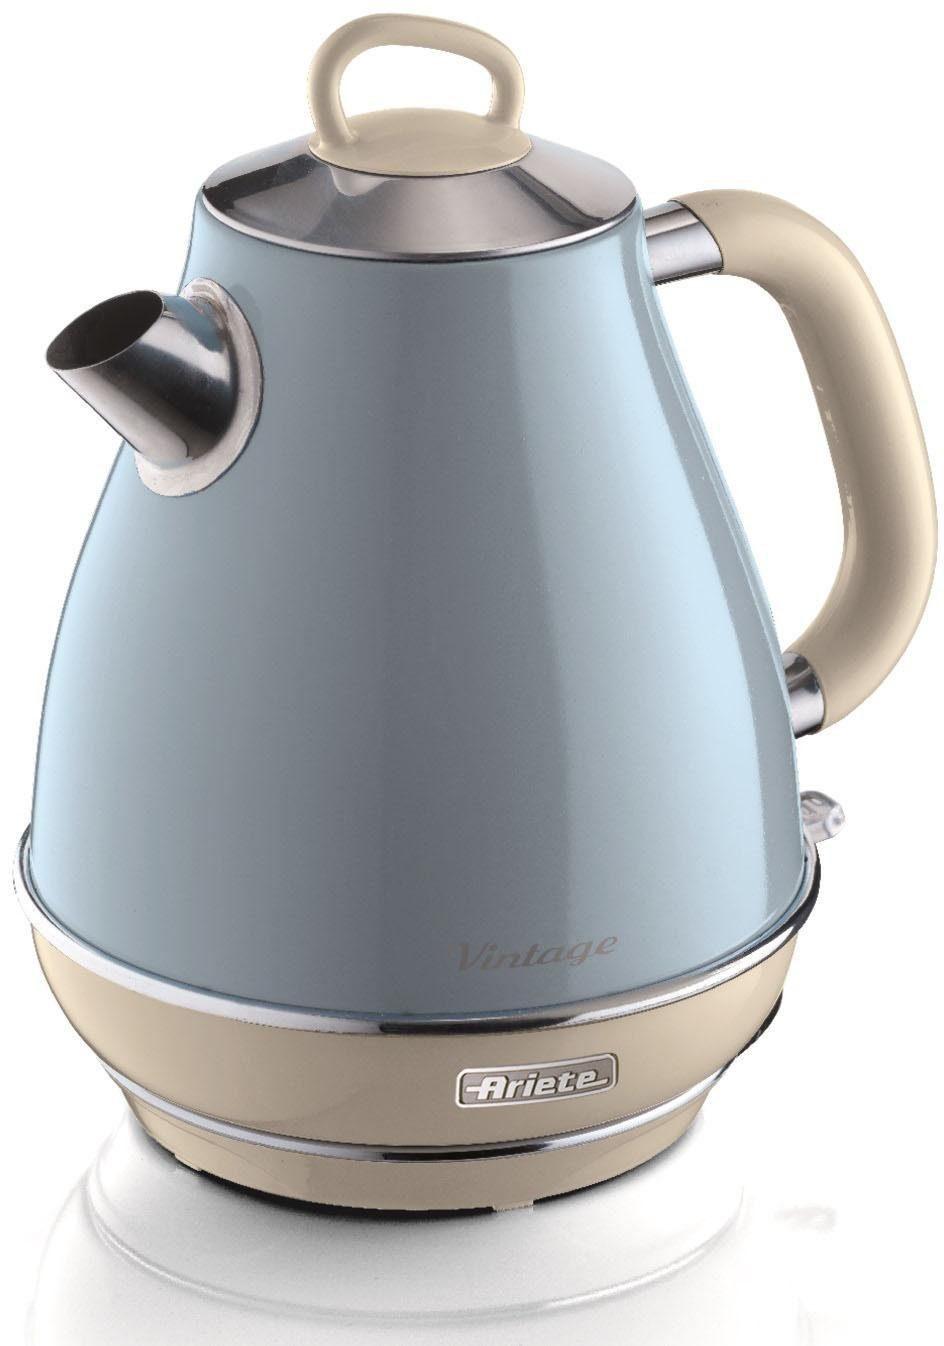 Ariete Wasserkocher 2869BL, 1,7 l, 2200 W